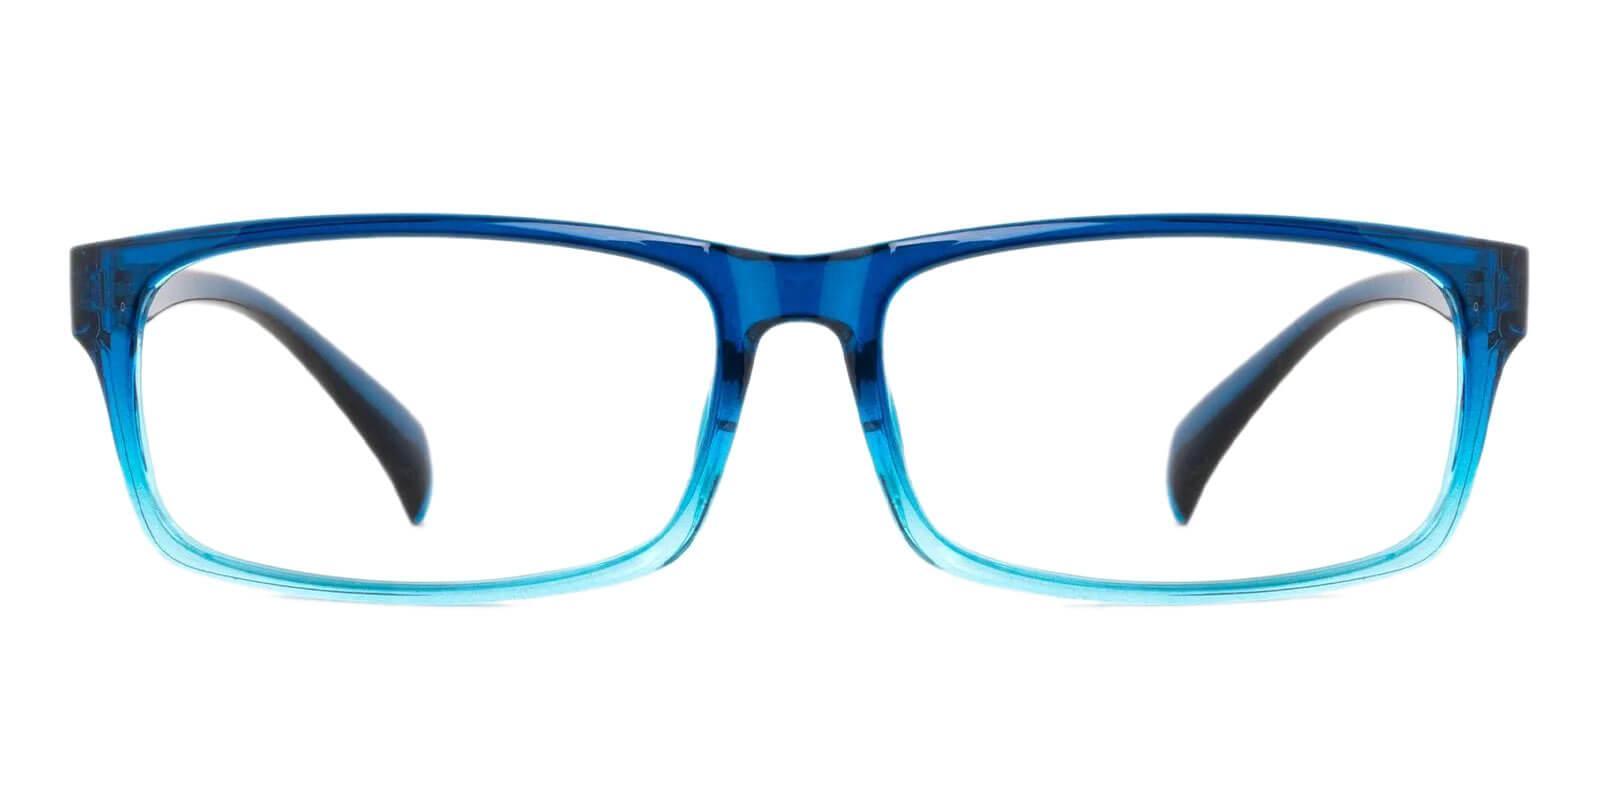 Isaiah Blue TR Eyeglasses , UniversalBridgeFit Frames from ABBE Glasses